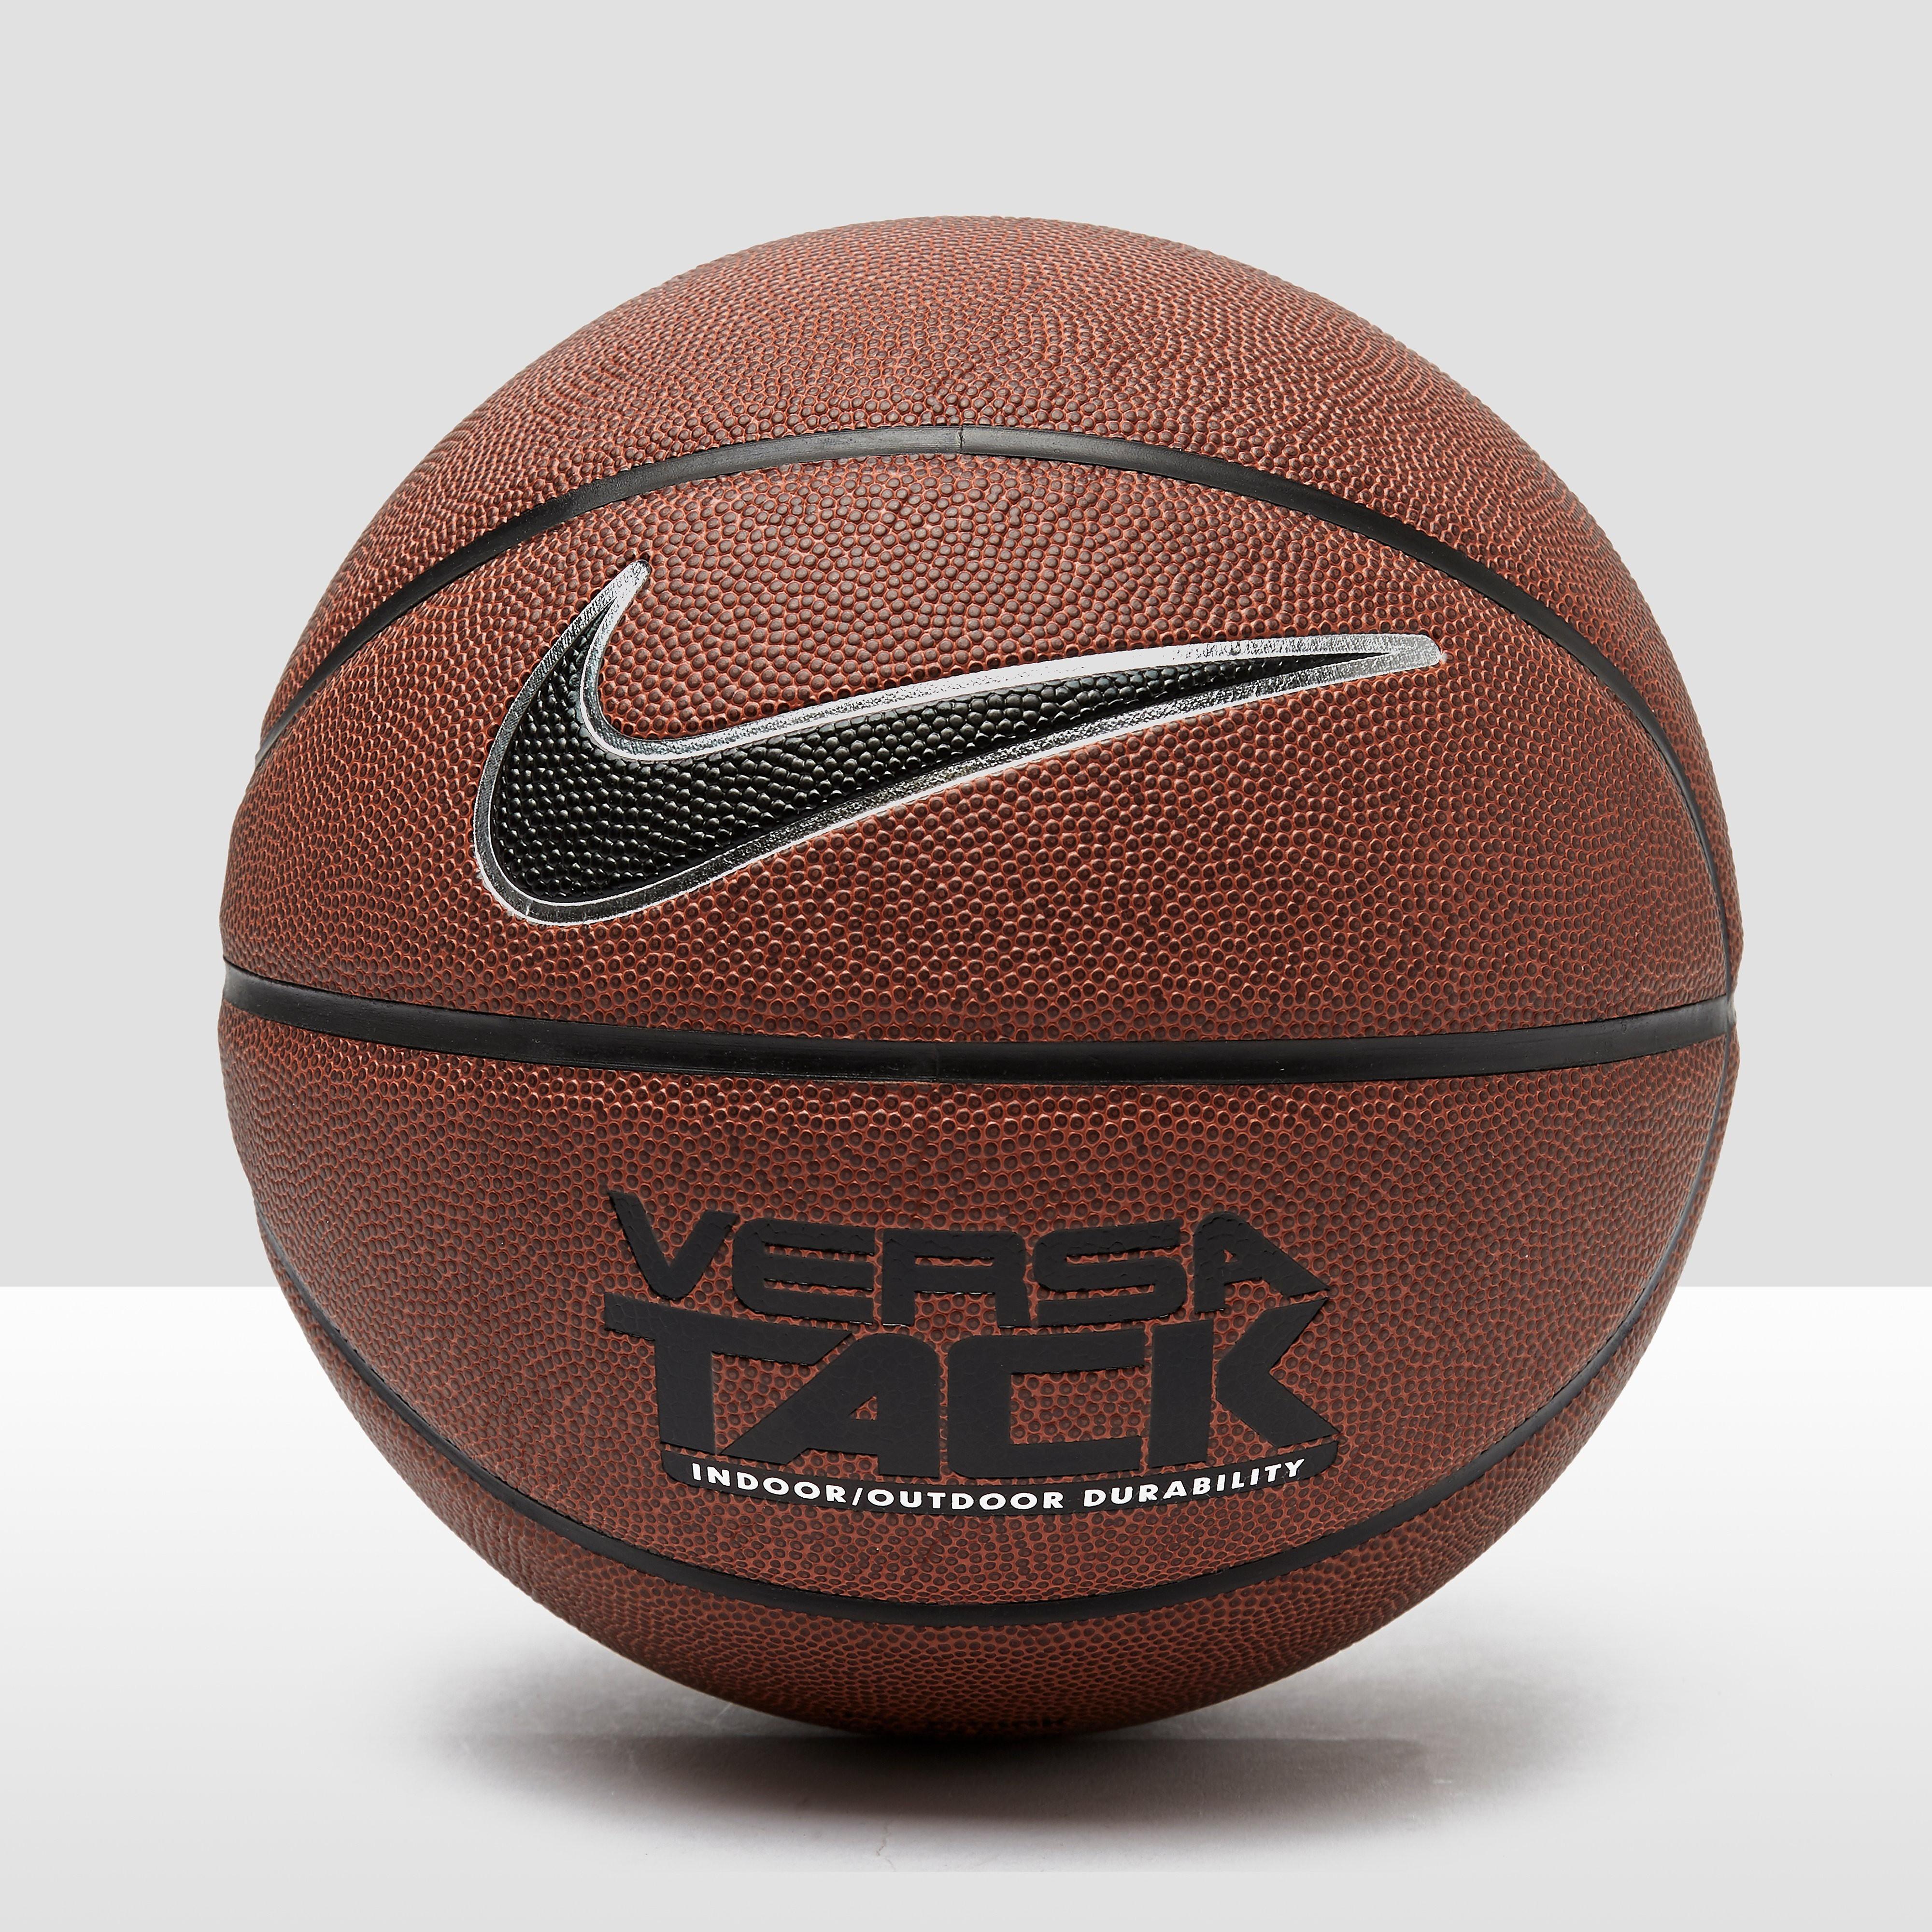 Versa Tack Basketbal Oranje/Zwart